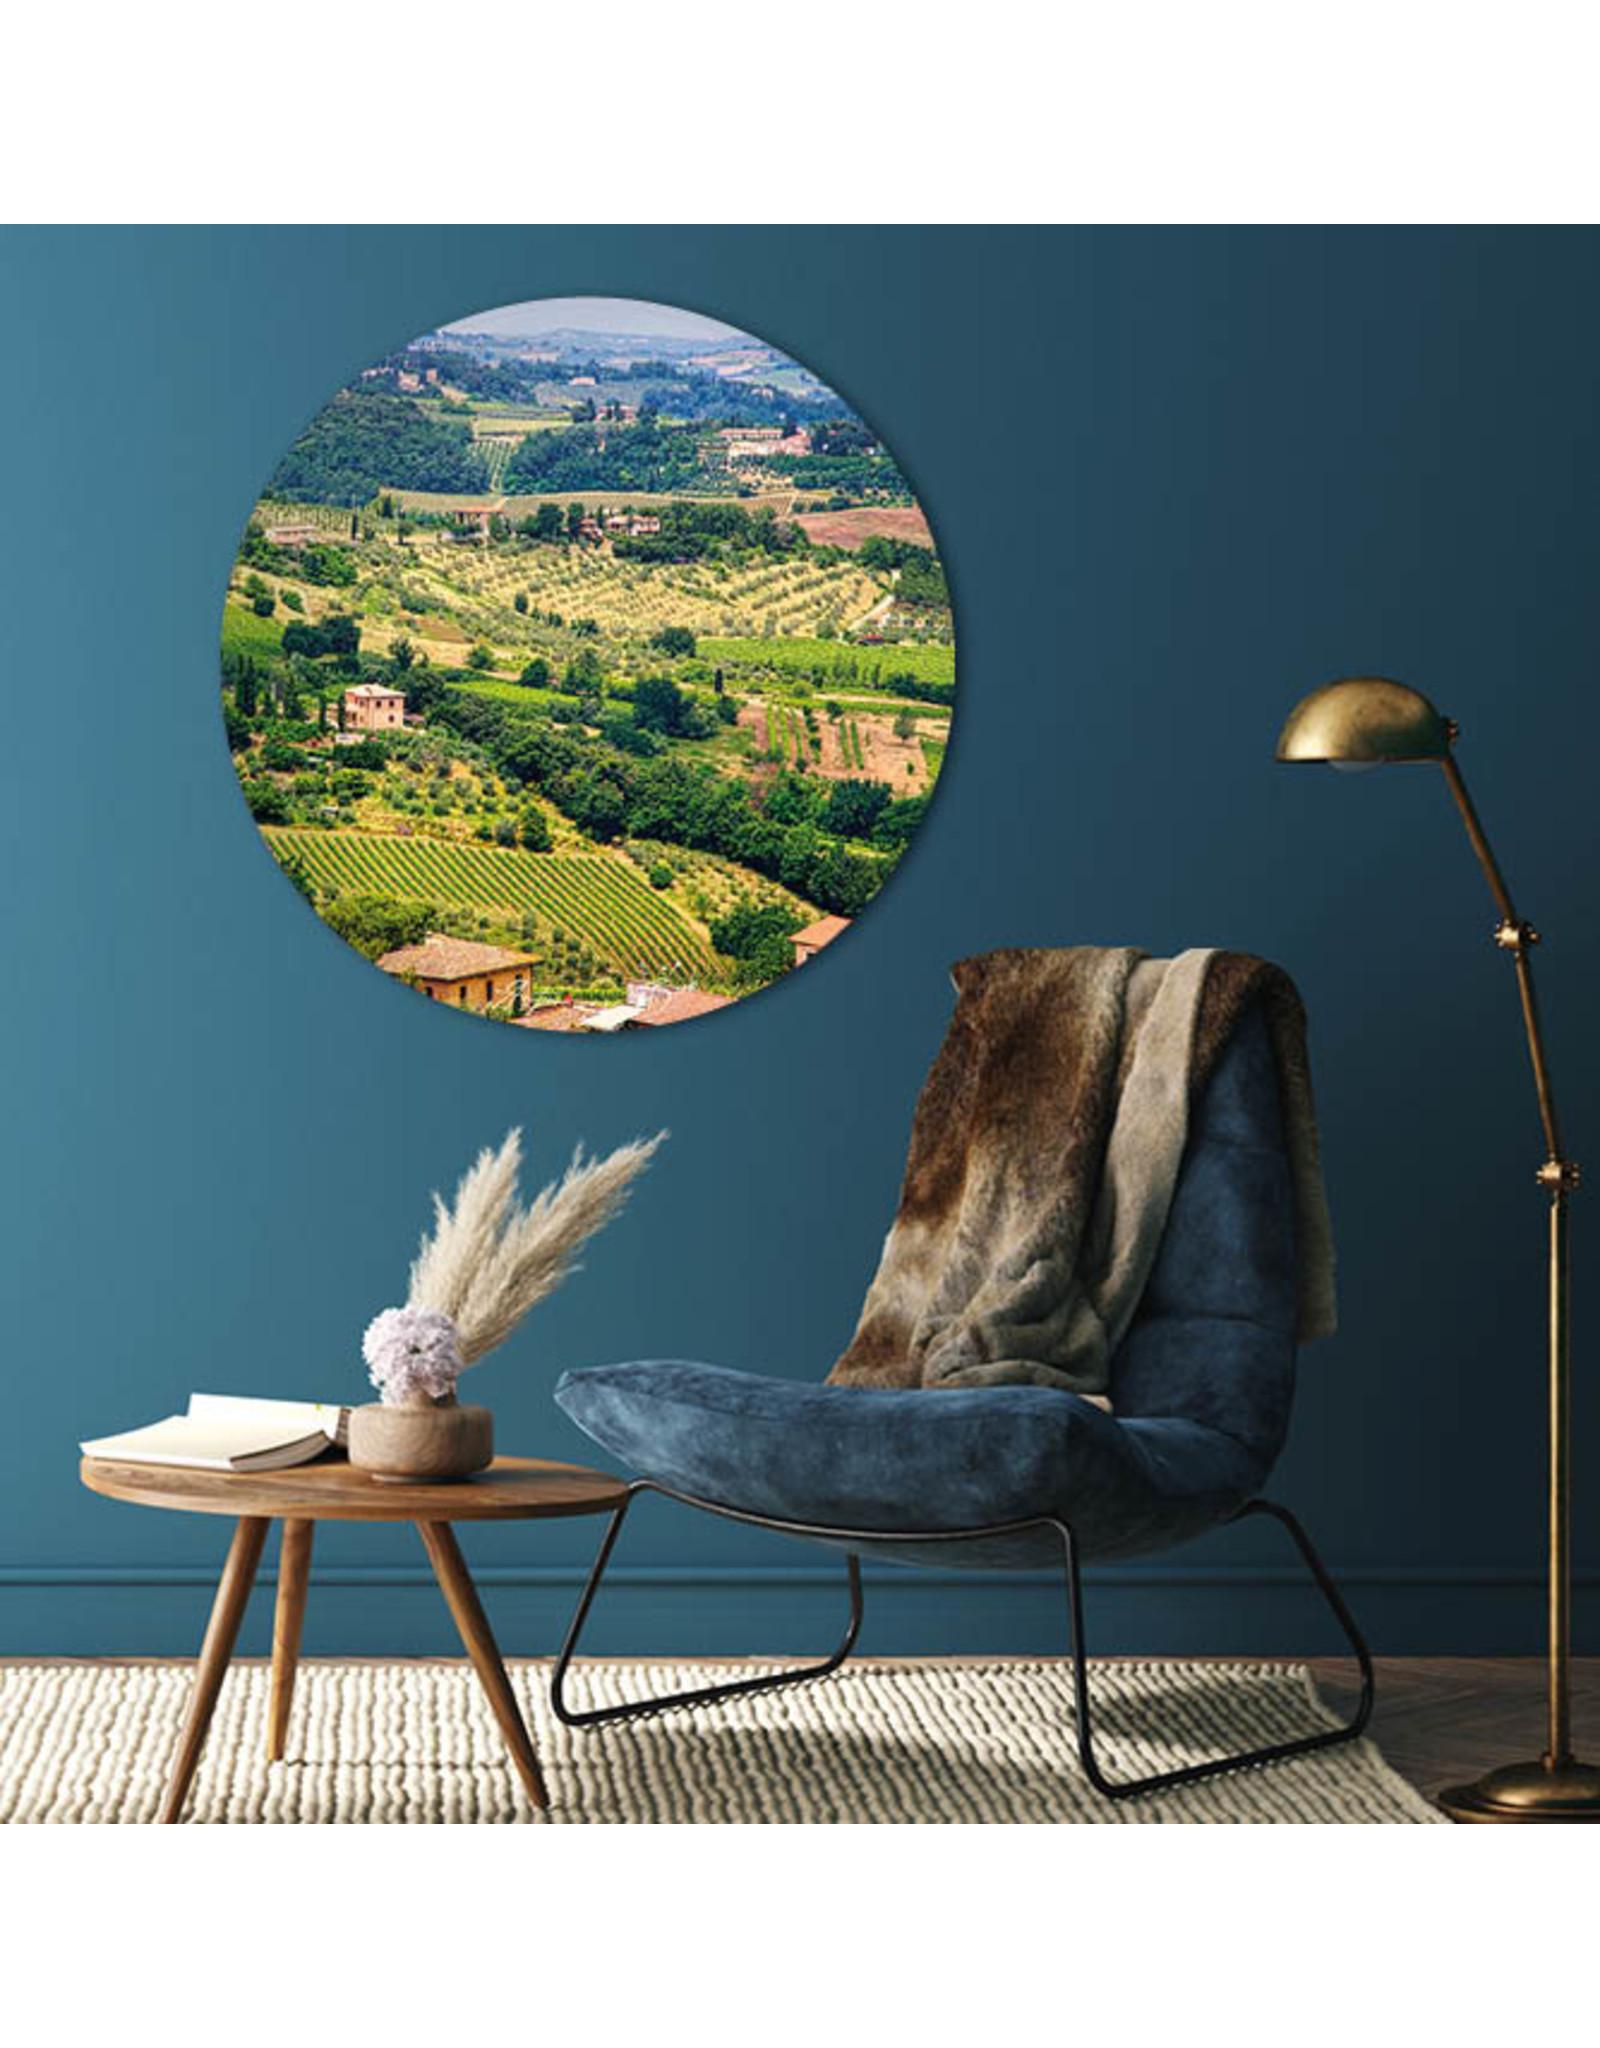 Dunnebier Home Muursticker Toscane - verwijderbaar